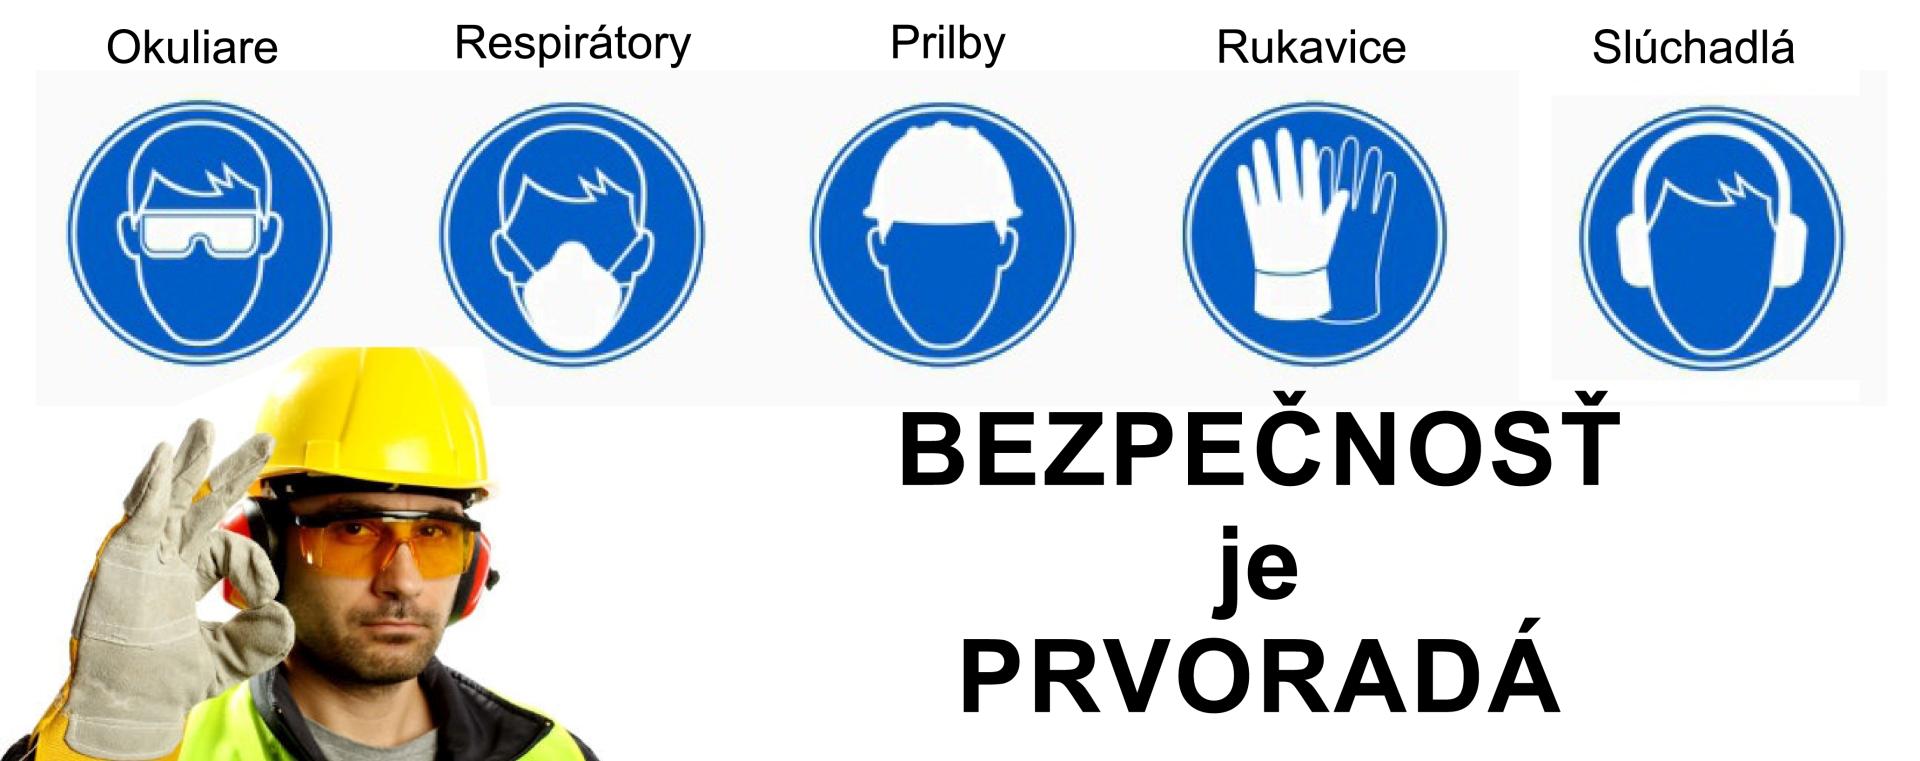 OOPP.cdr